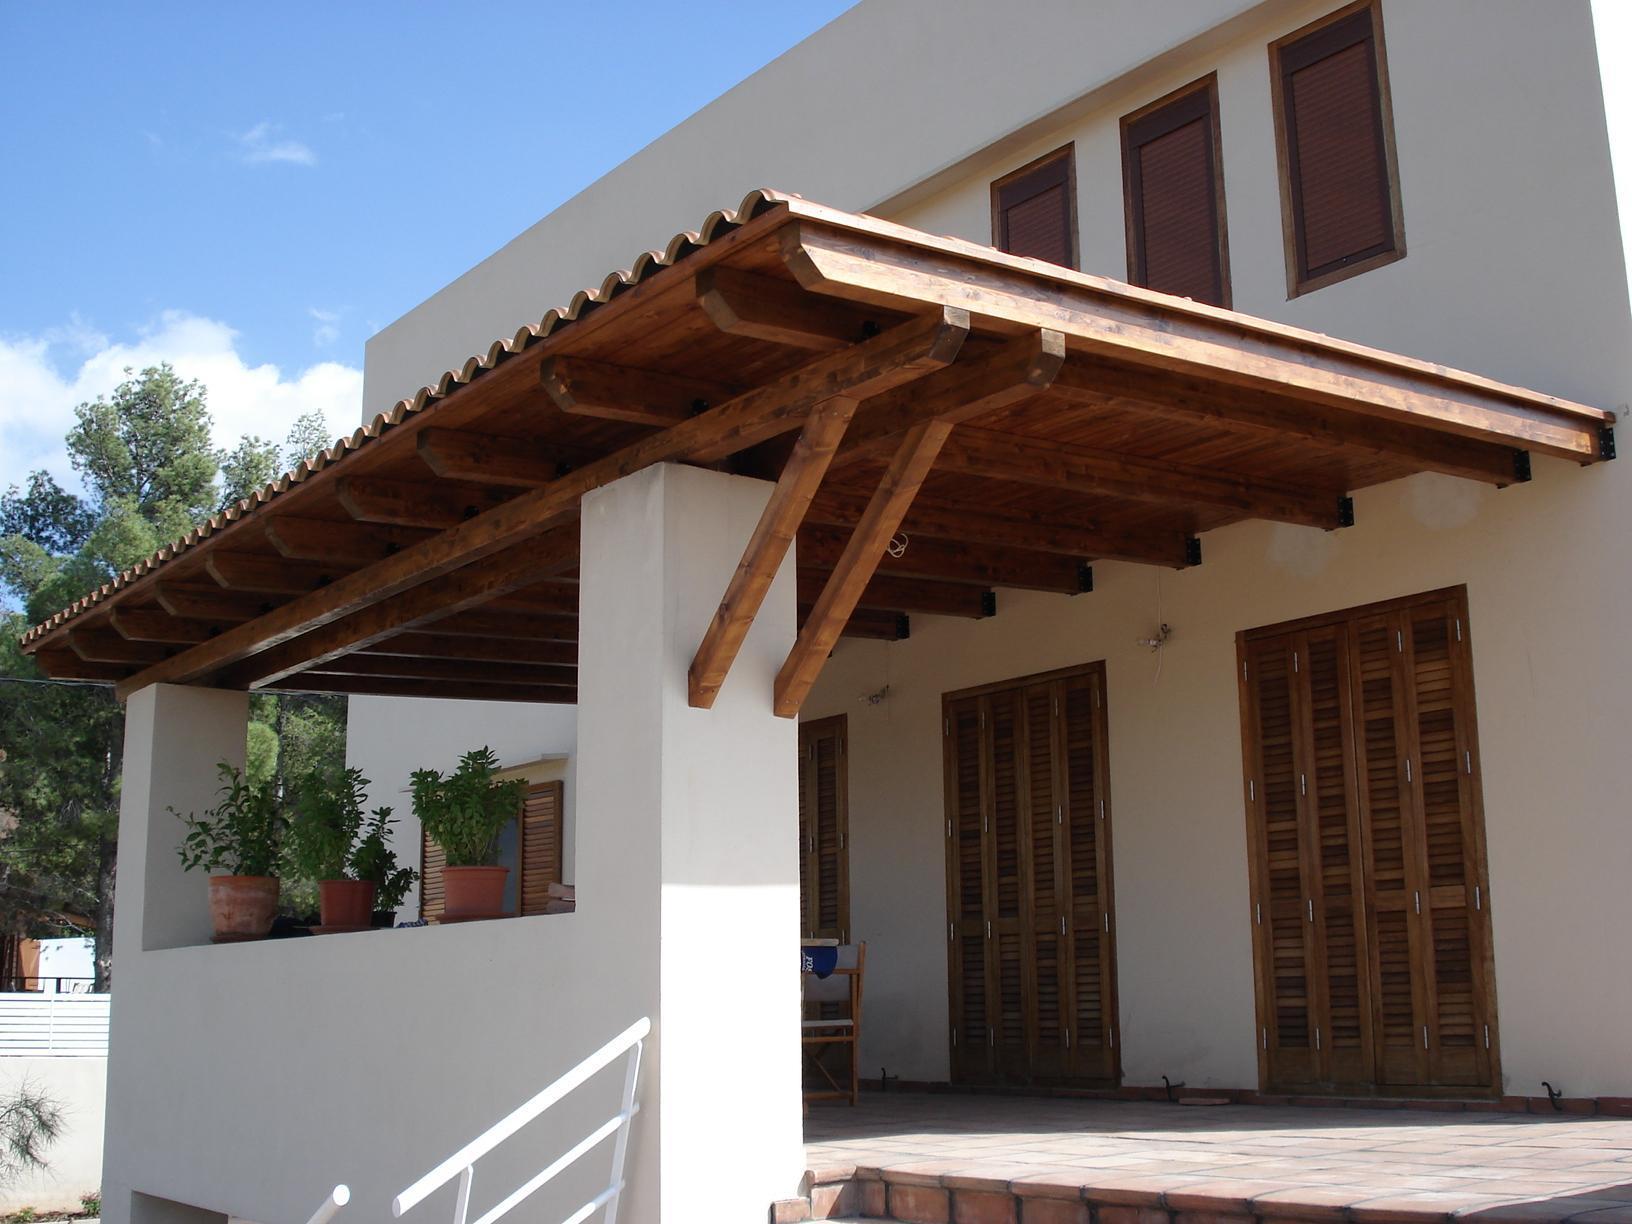 Construcci n archives incofusta fabrica de madera en - Vigas de madera baratas ...